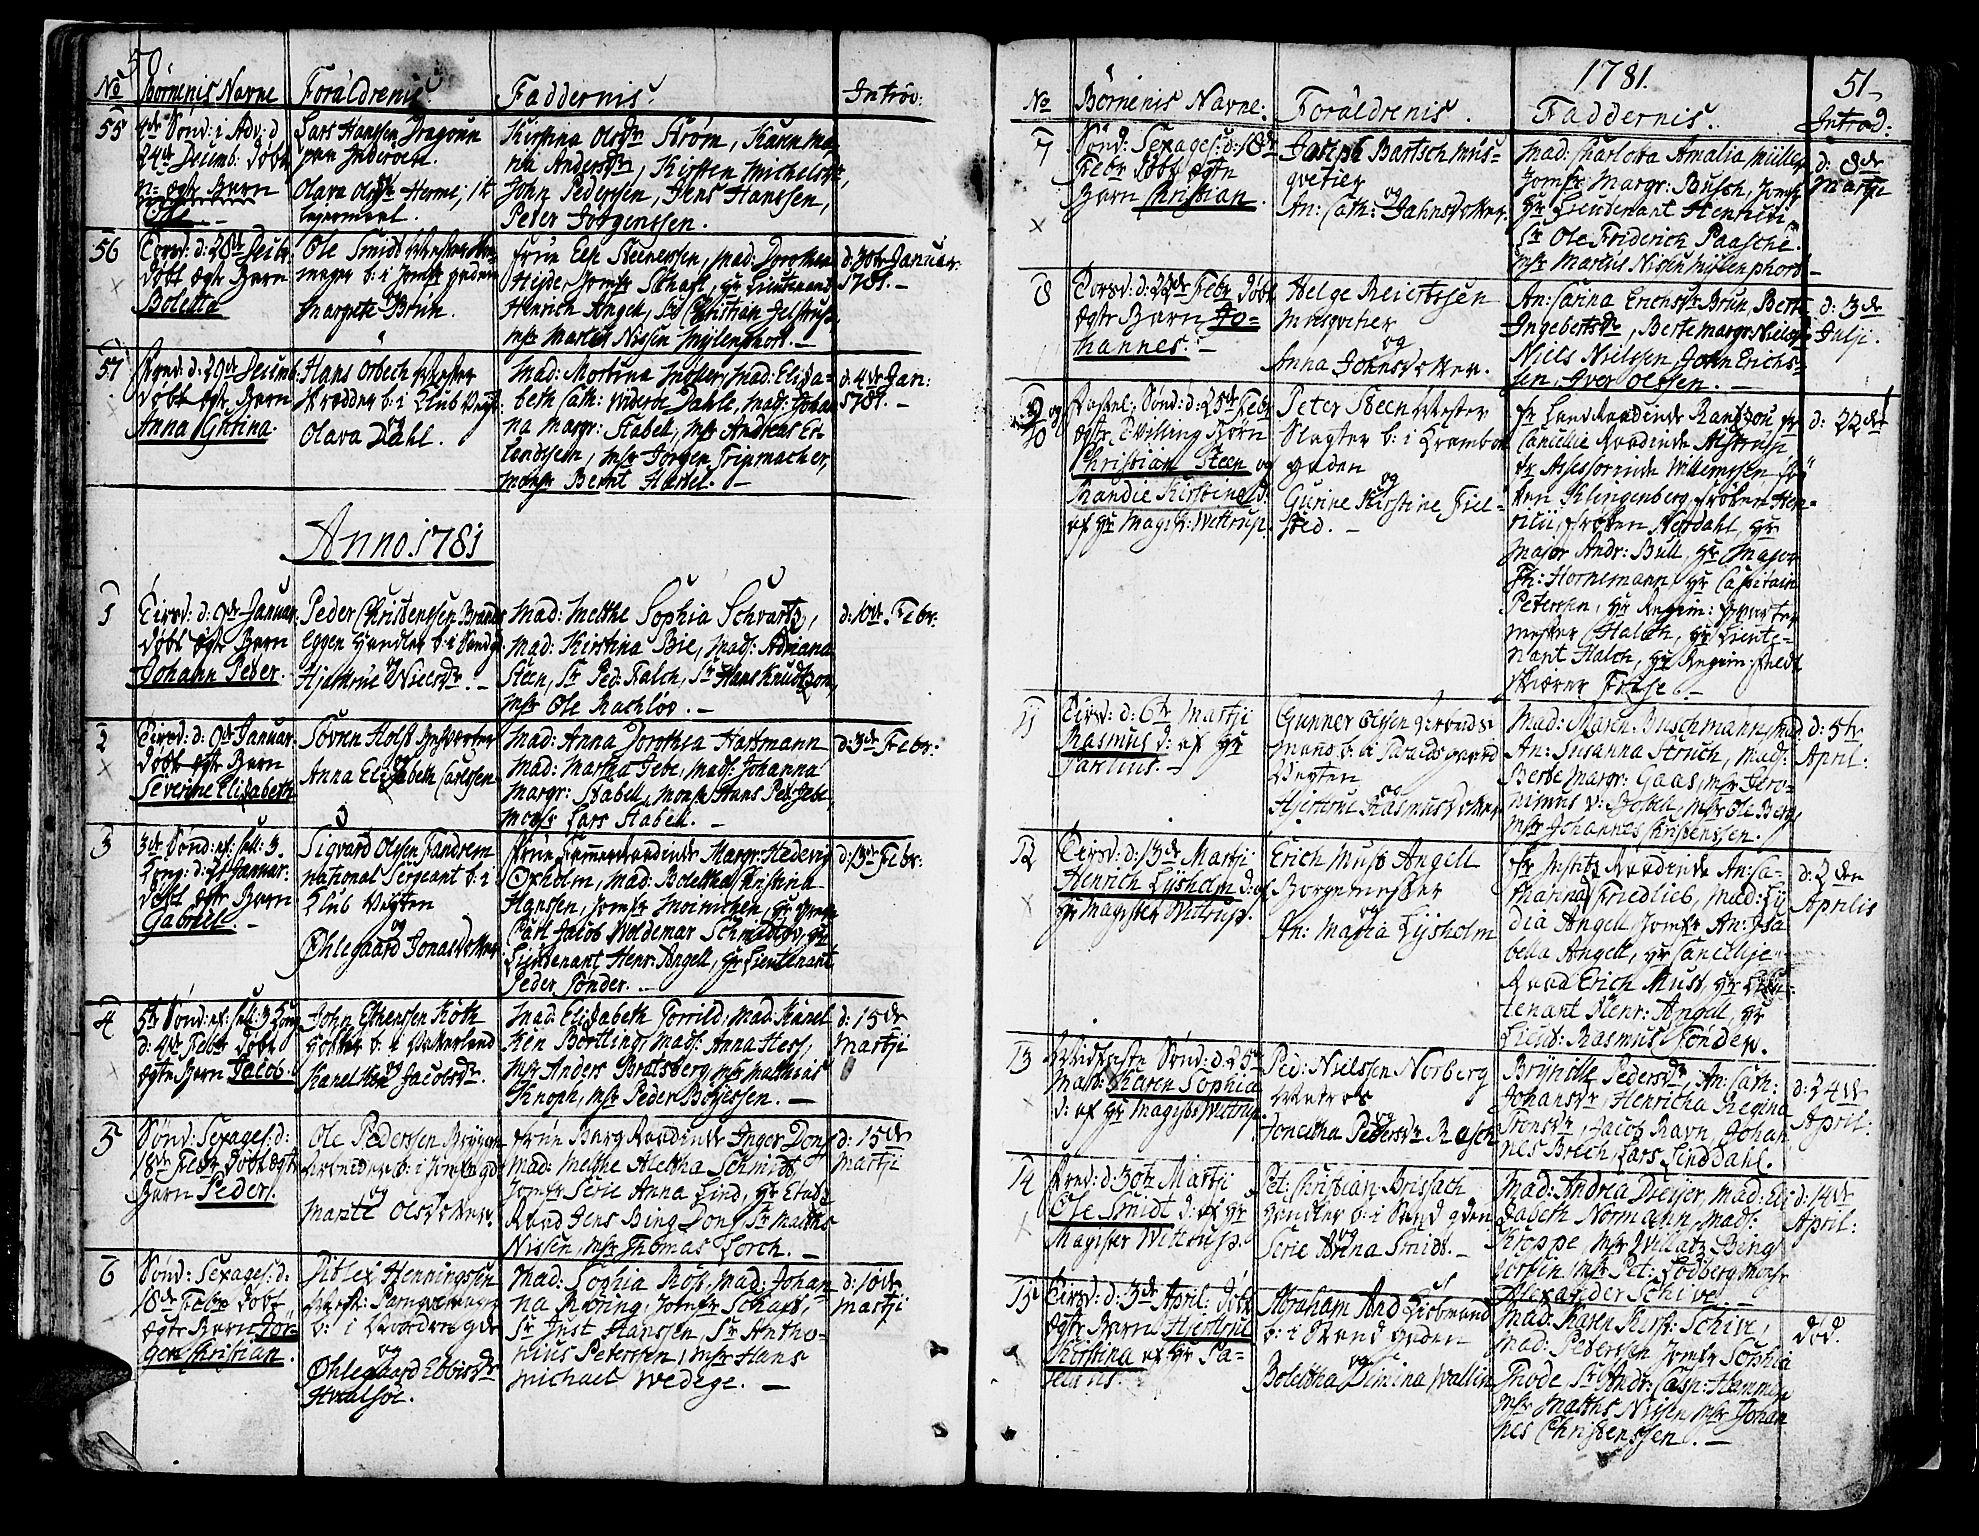 SAT, Ministerialprotokoller, klokkerbøker og fødselsregistre - Sør-Trøndelag, 602/L0104: Ministerialbok nr. 602A02, 1774-1814, s. 50-51